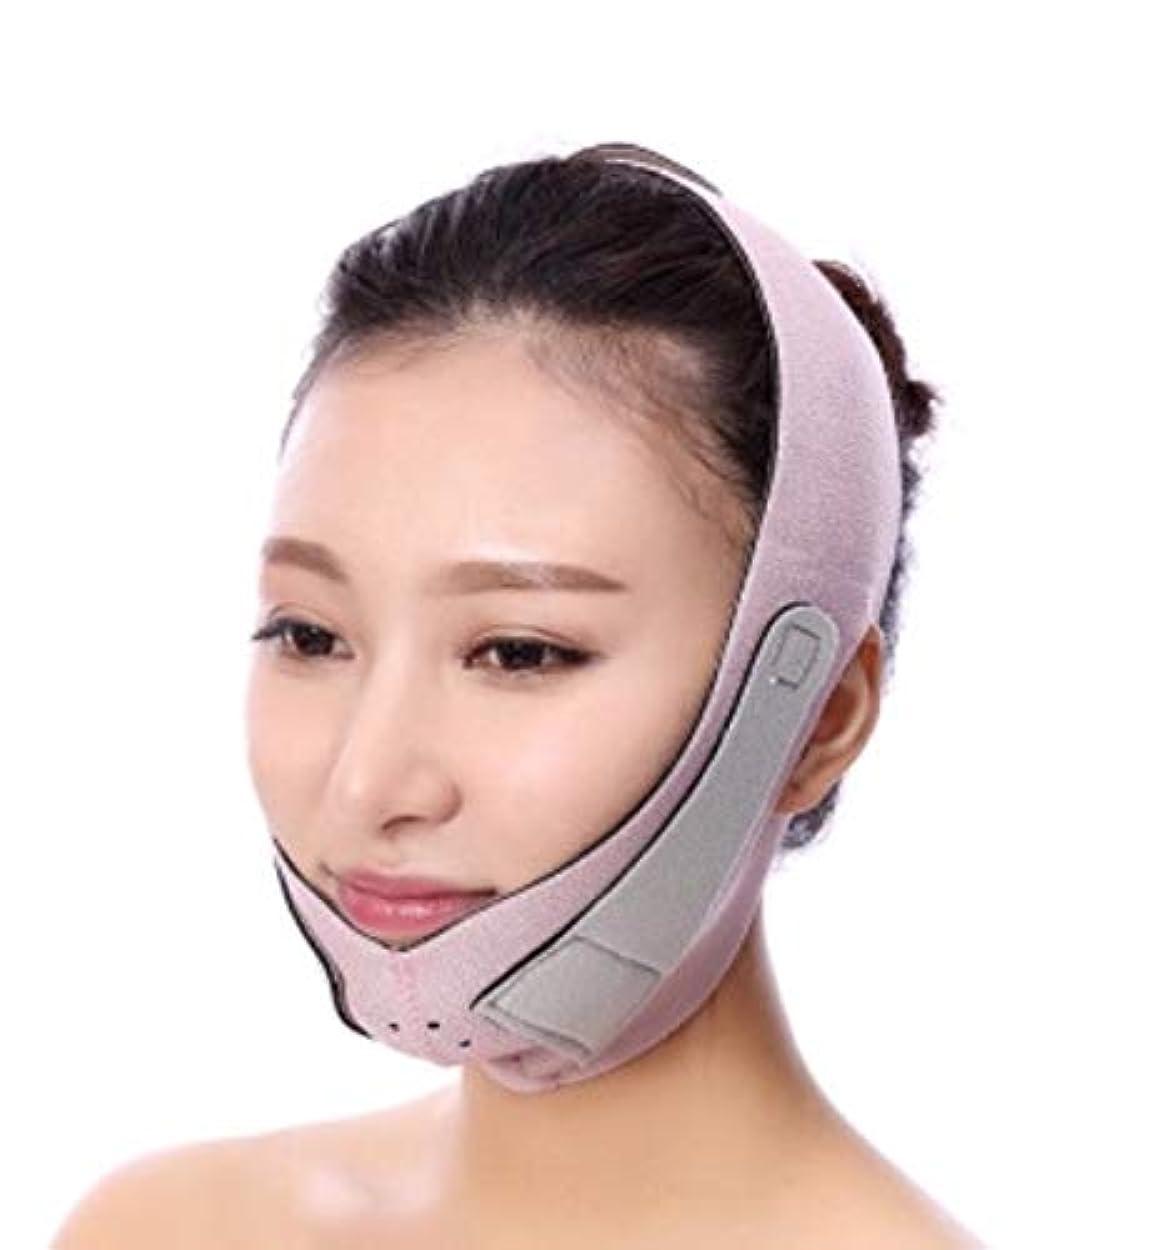 間違いなく物理的な動作Trust Contact リフトアップベルト 小顔マスク 矯正 小顔 リフトアップ フェイス 顔痩せ マスク